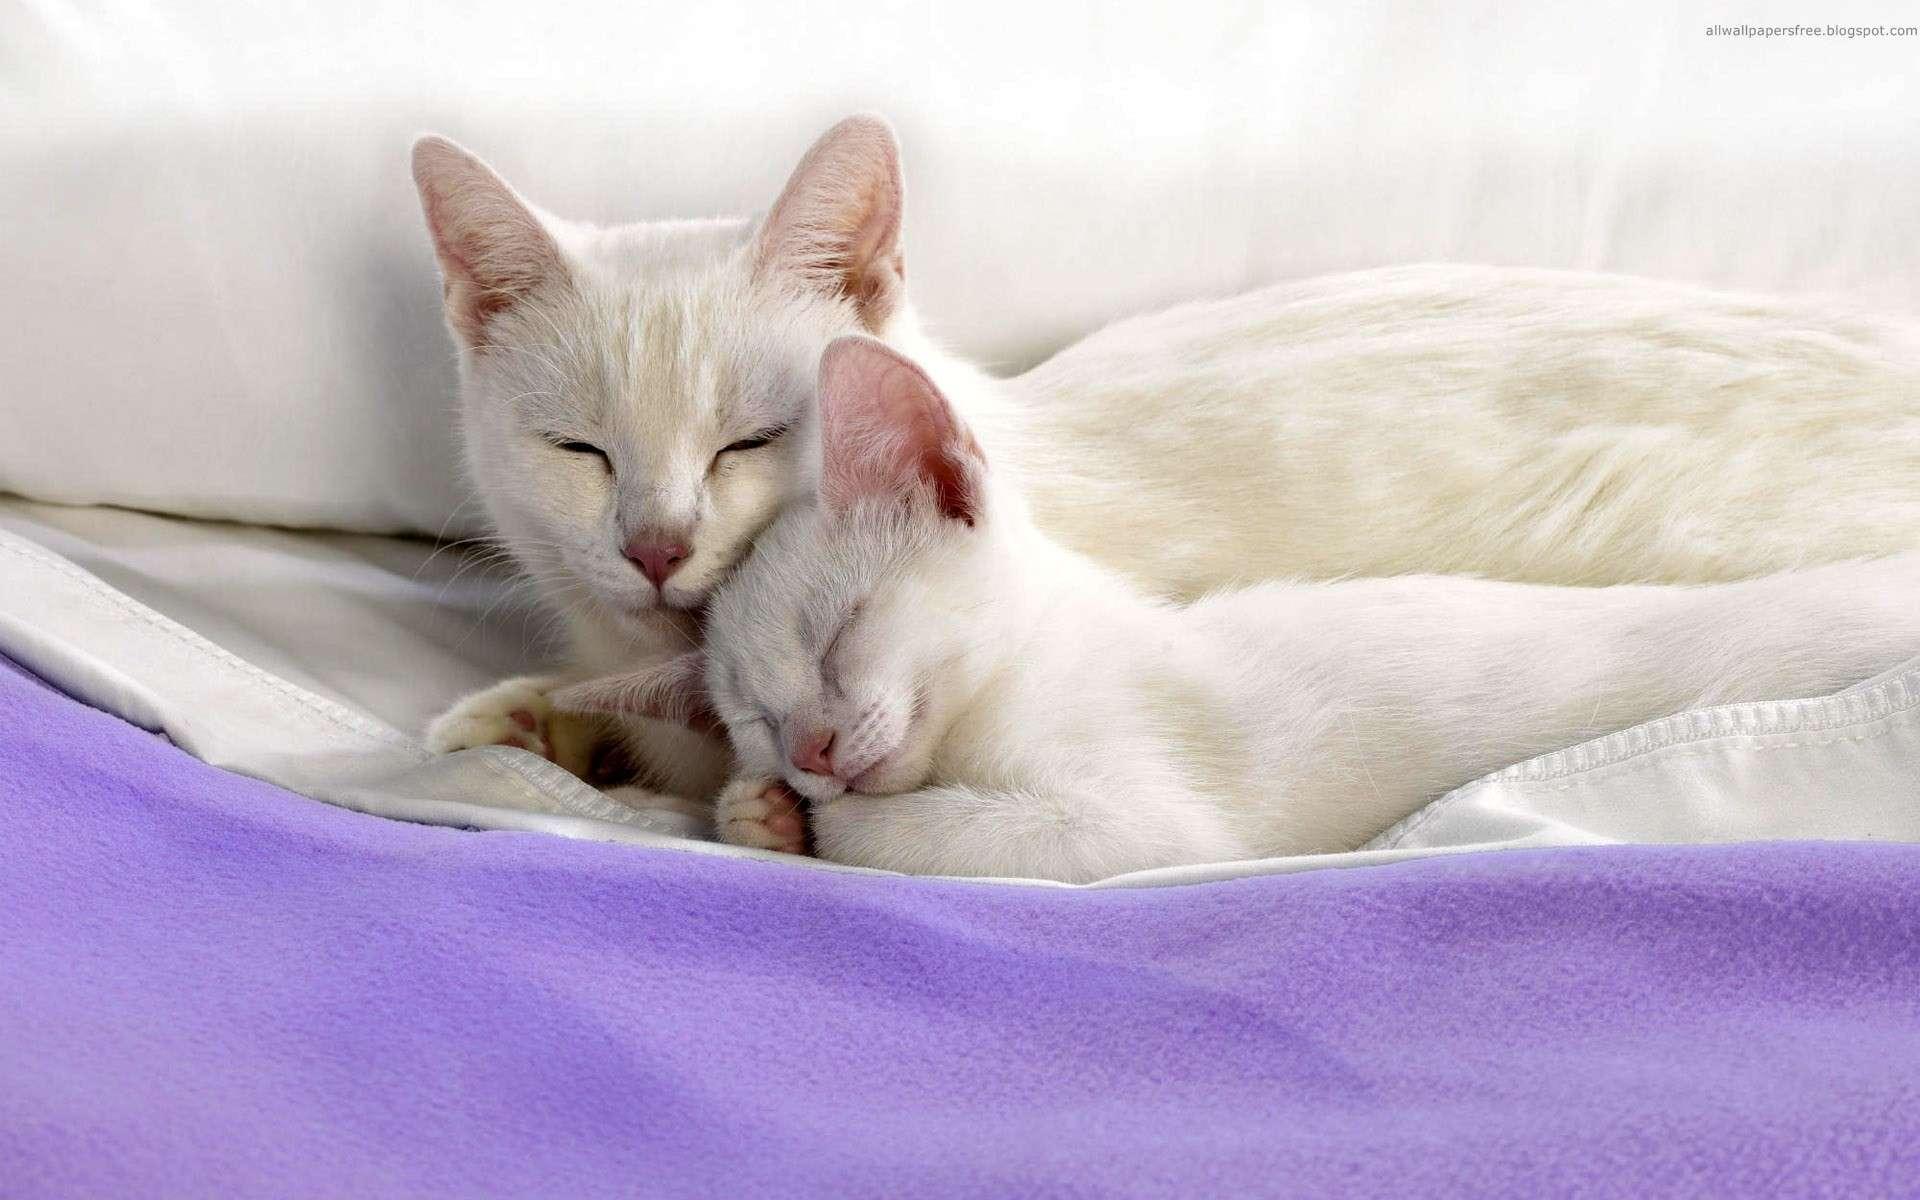 fond d'ecran gratuit chat blanc